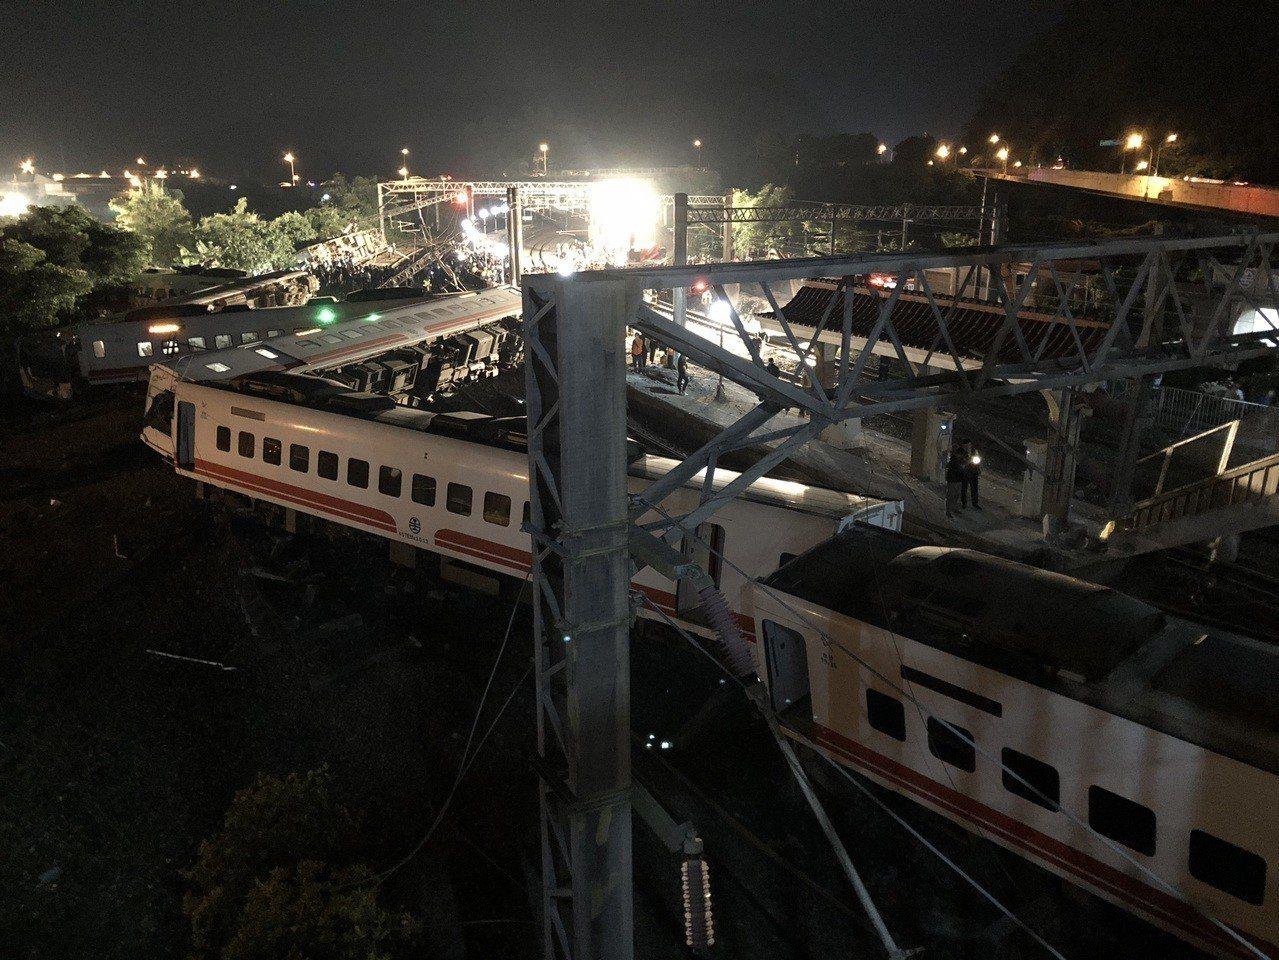 普悠瑪出軌翻車意外奪走18條人命,台鐵高層針對意外事故調查說詞卻一再反覆,尤其通...